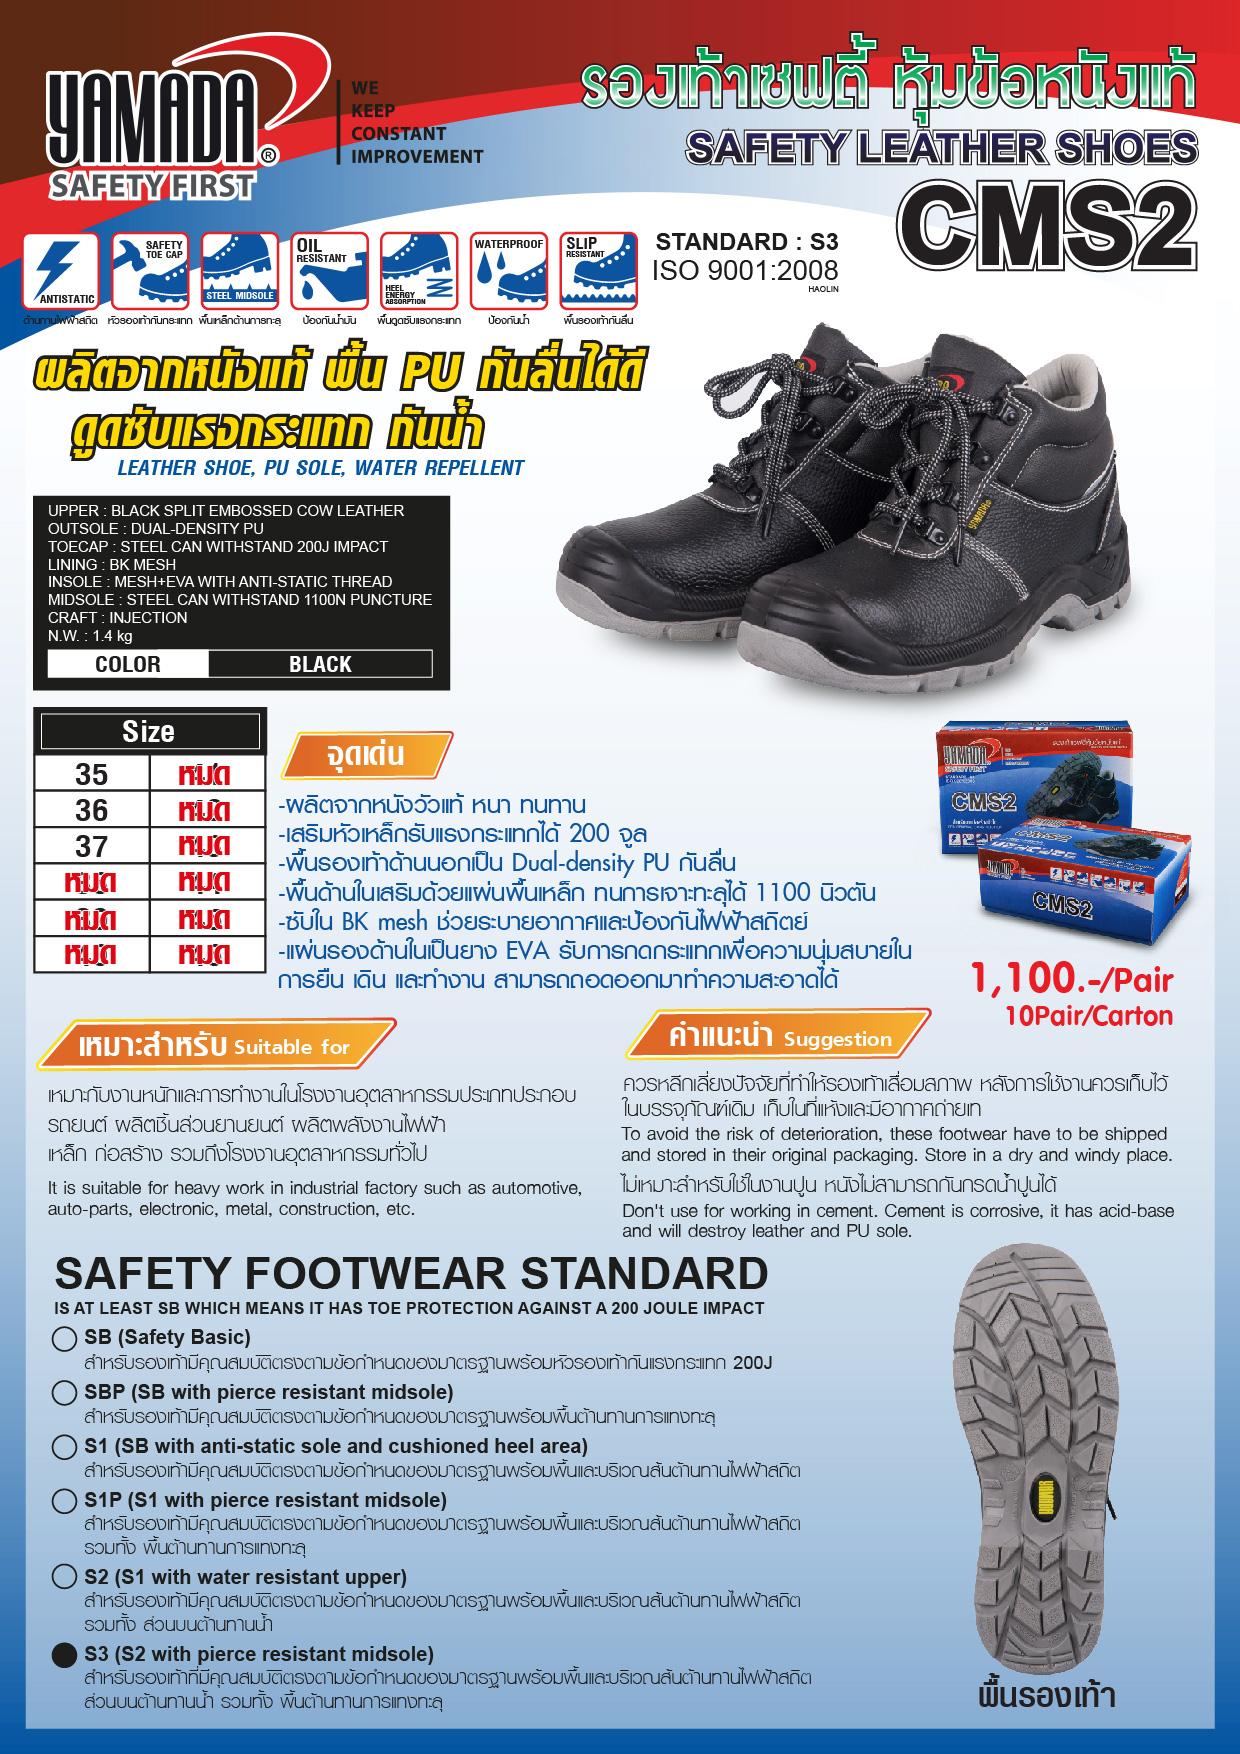 (103/278) รองเท้าเซฟตี้ หุ้มข้อ หนังแท้ รุ่น CMS2